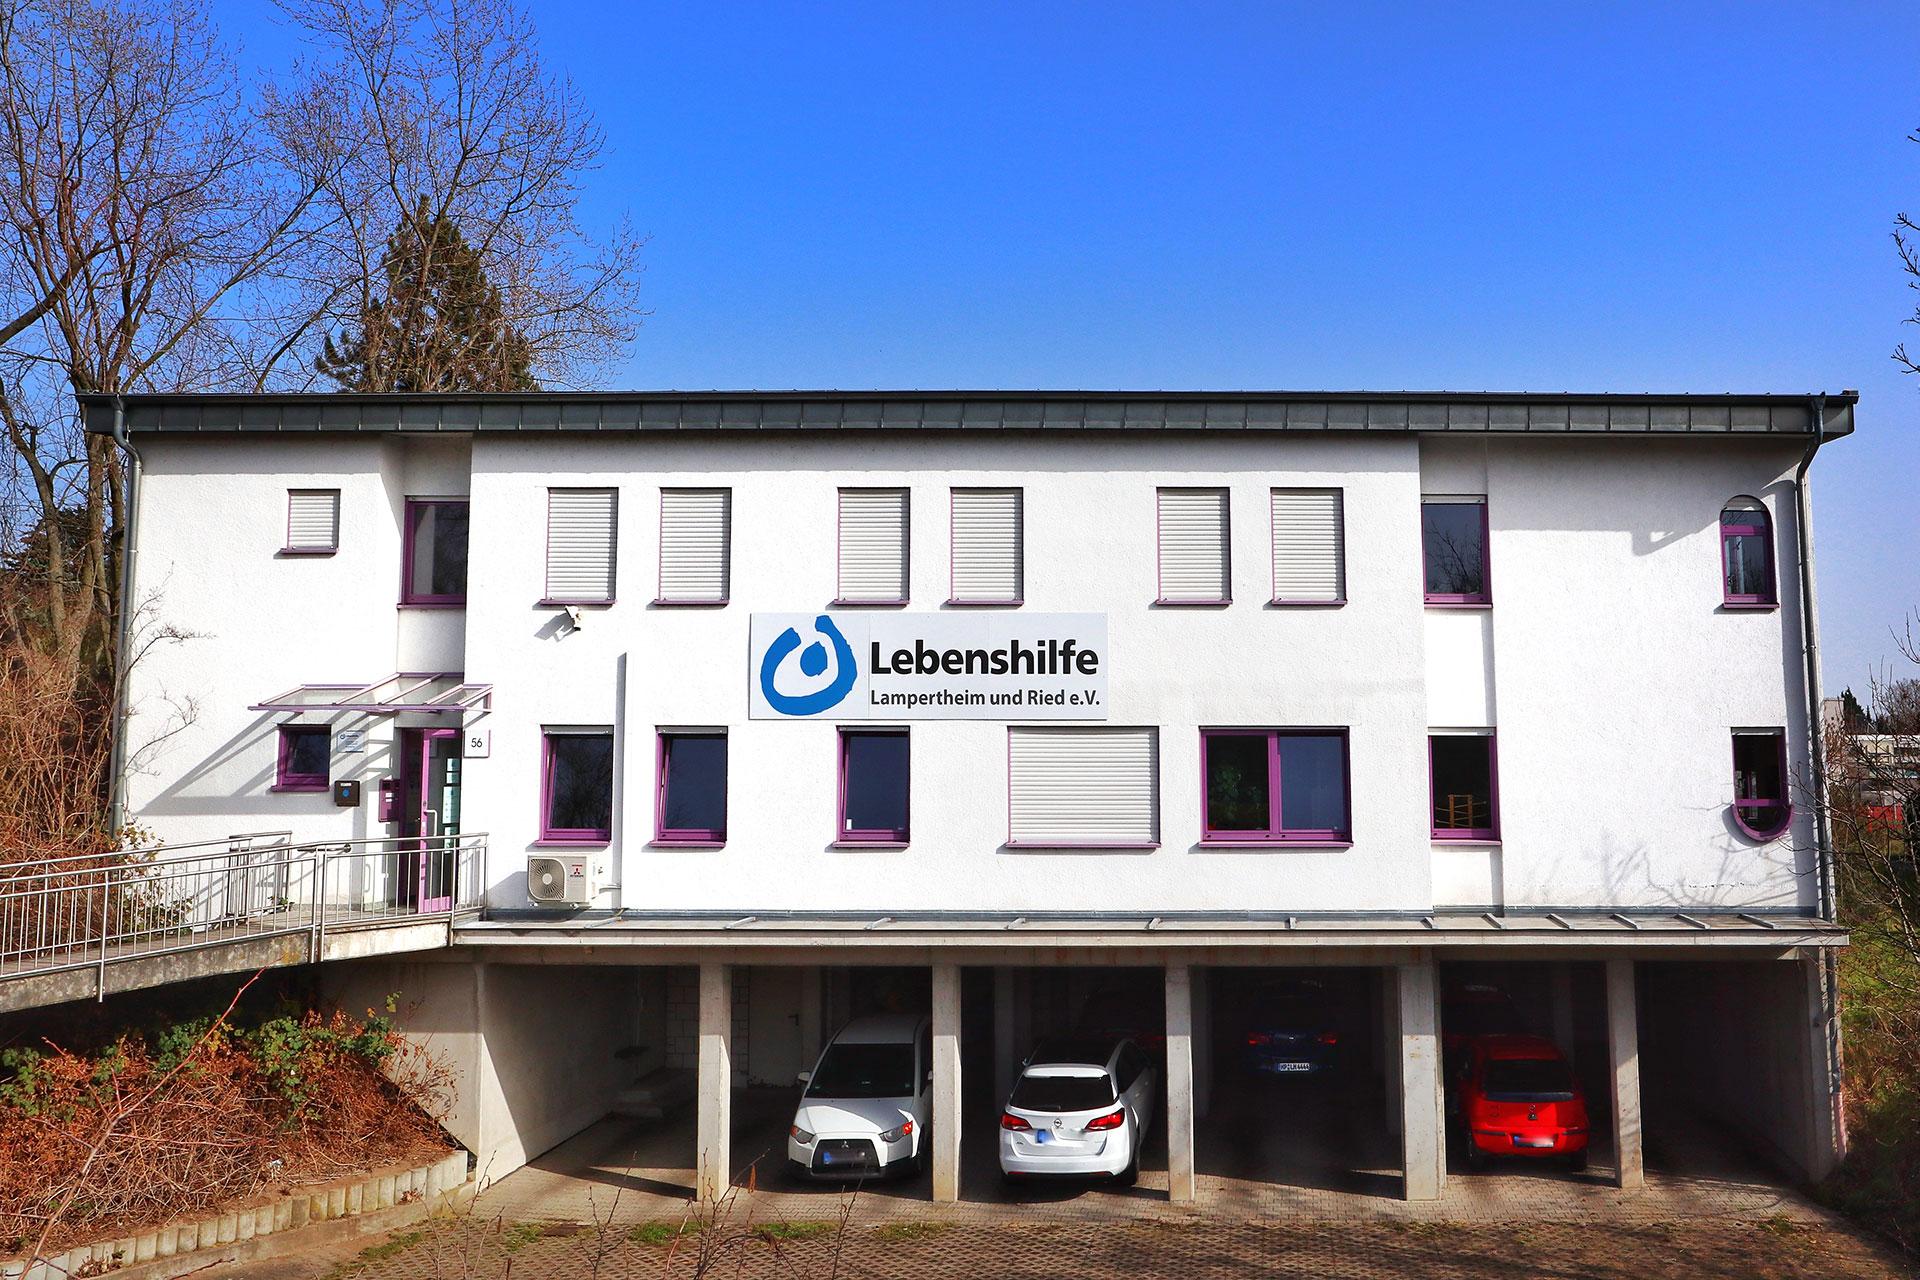 Lebenshilfe Lampertheim und Ried e.V.